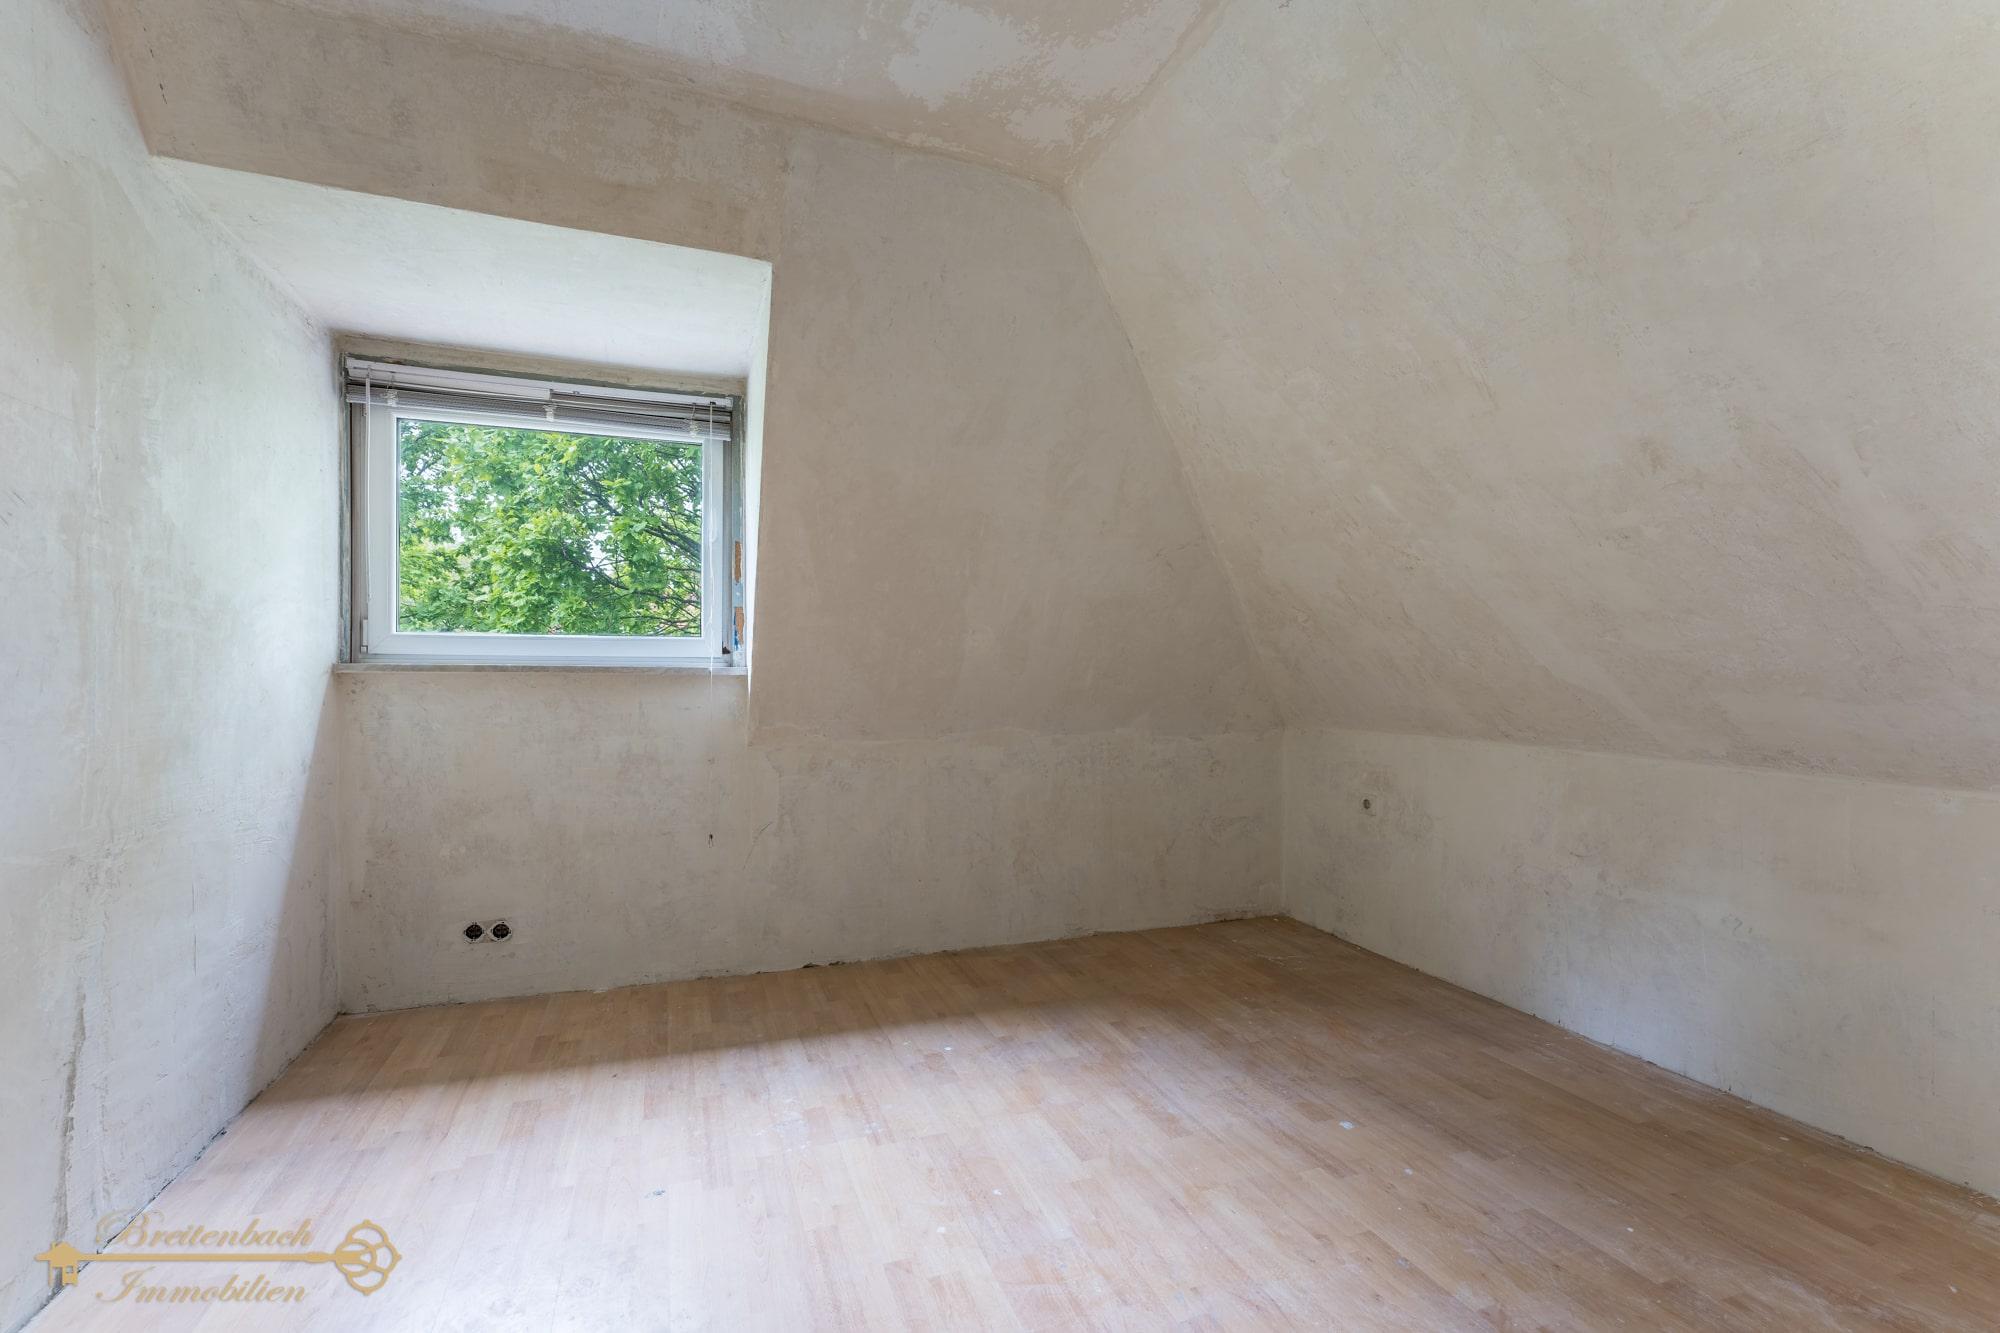 2021-05-29-Breitenbach-Immobilien-Makler-Bremen-4-min